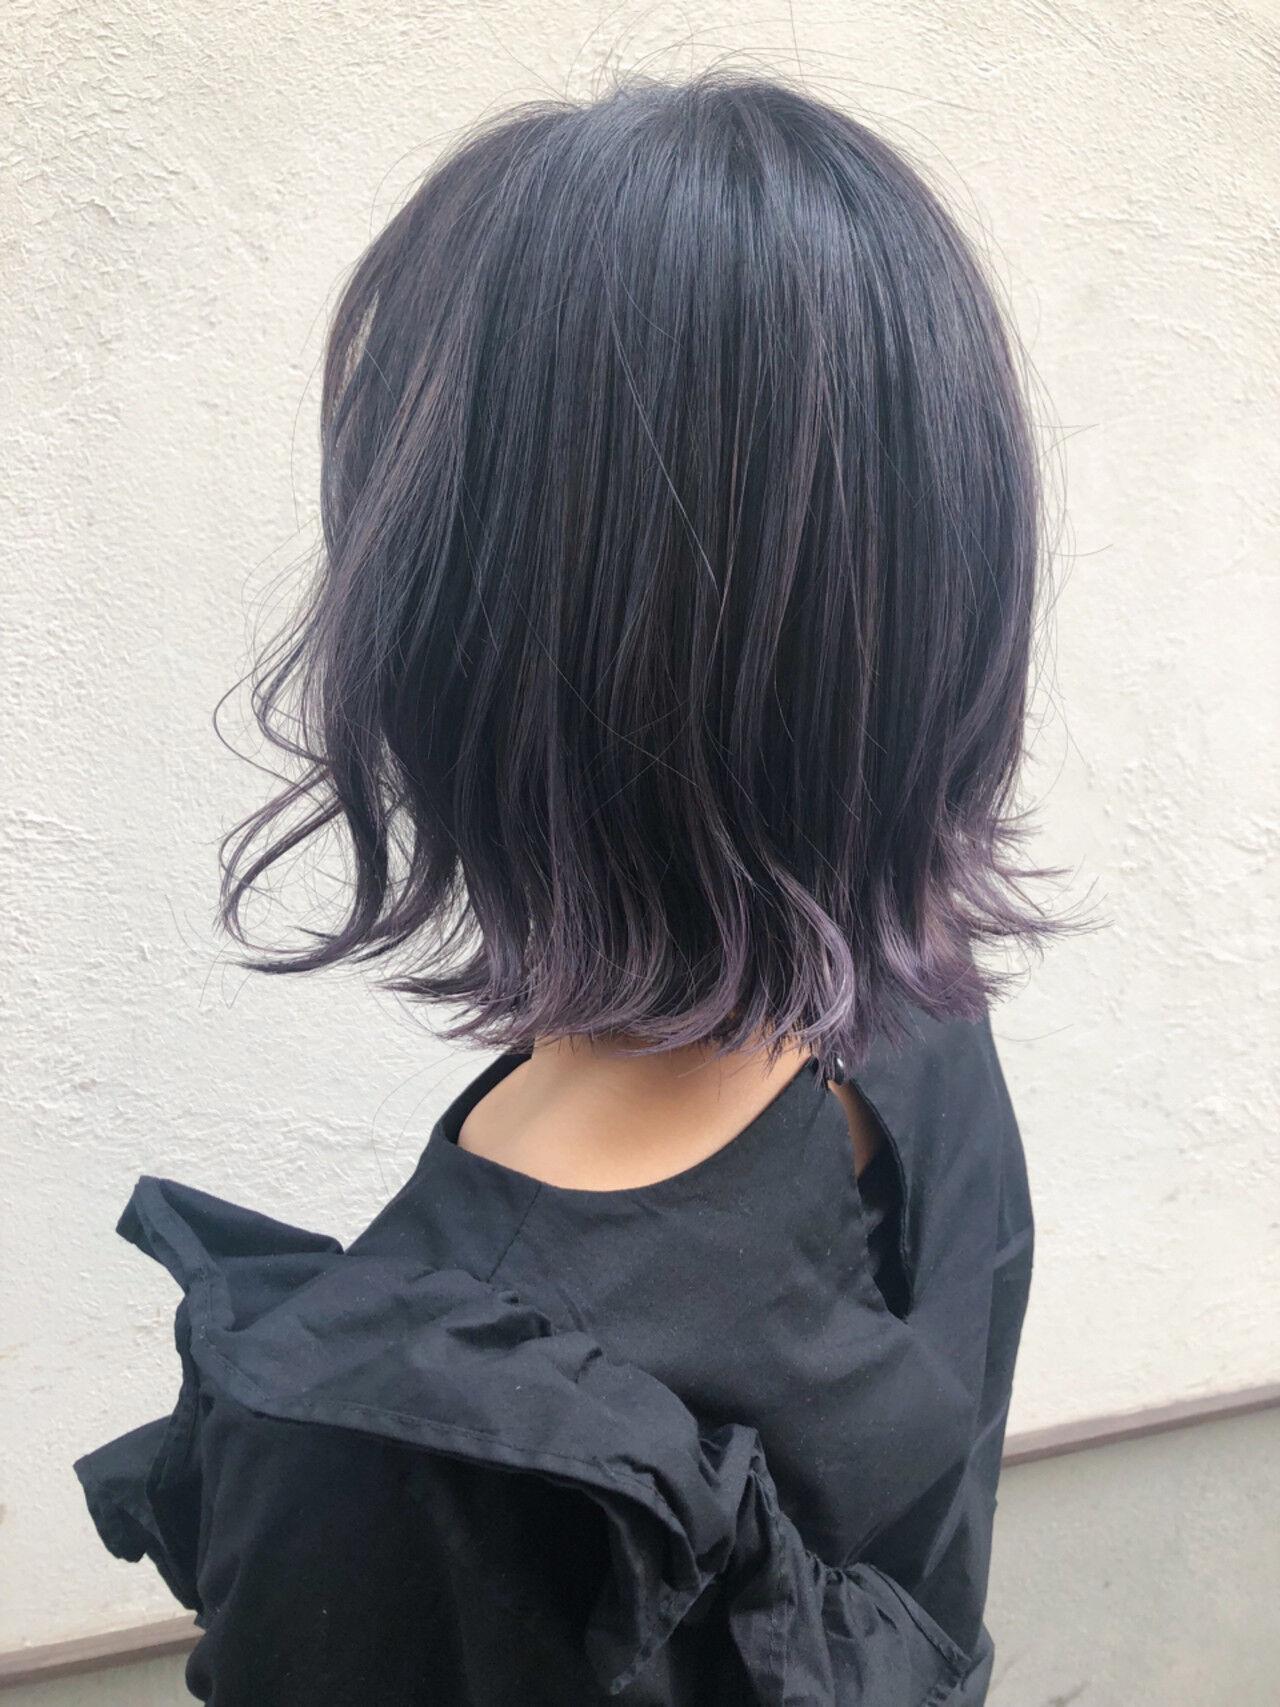 グラデーションカラー パープル 簡単ヘアアレンジ ボブヘアスタイルや髪型の写真・画像